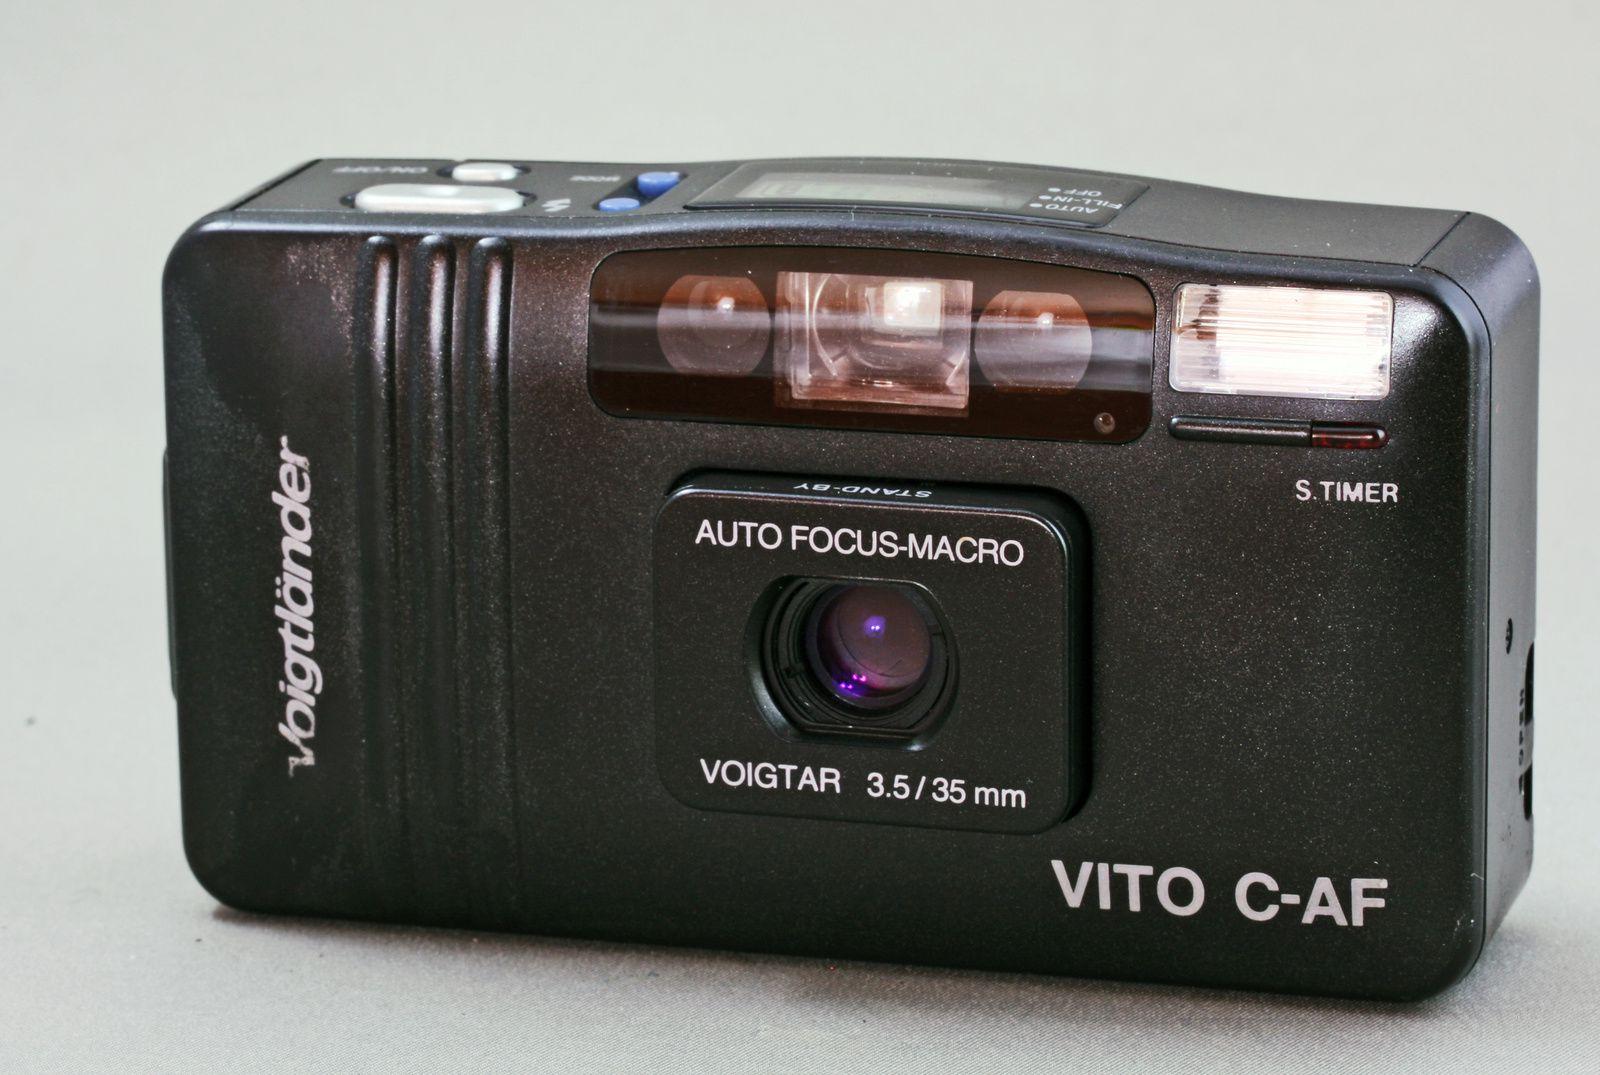 Vito C-AF